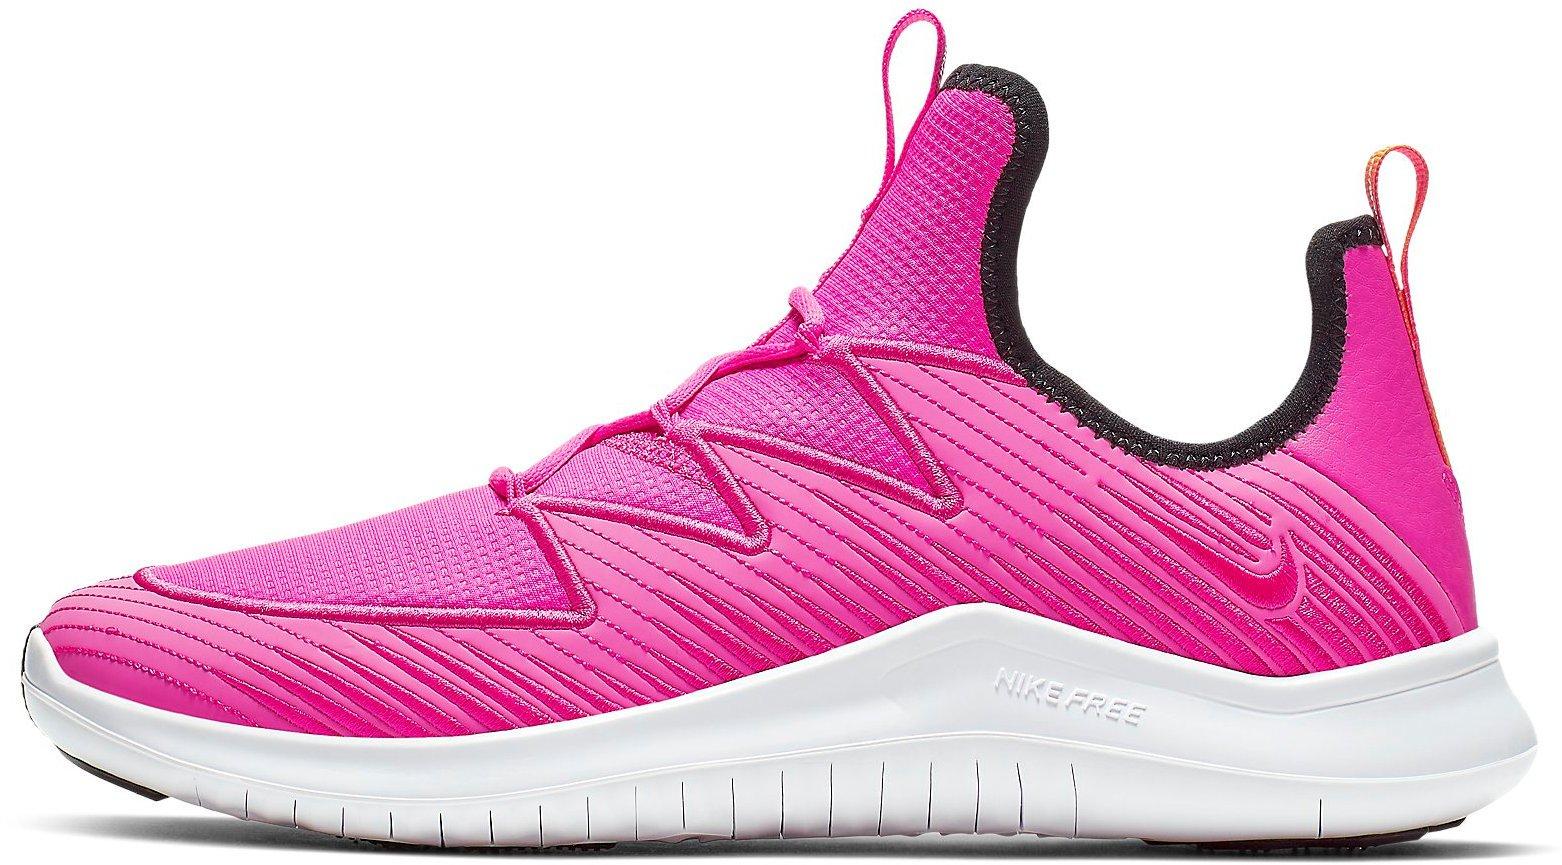 Sin lugar a dudas Poderoso Reorganizar  Nike Free TR Ultra: Características - Zapatillas para entrenamiento y  gimnasio | MundoTraining